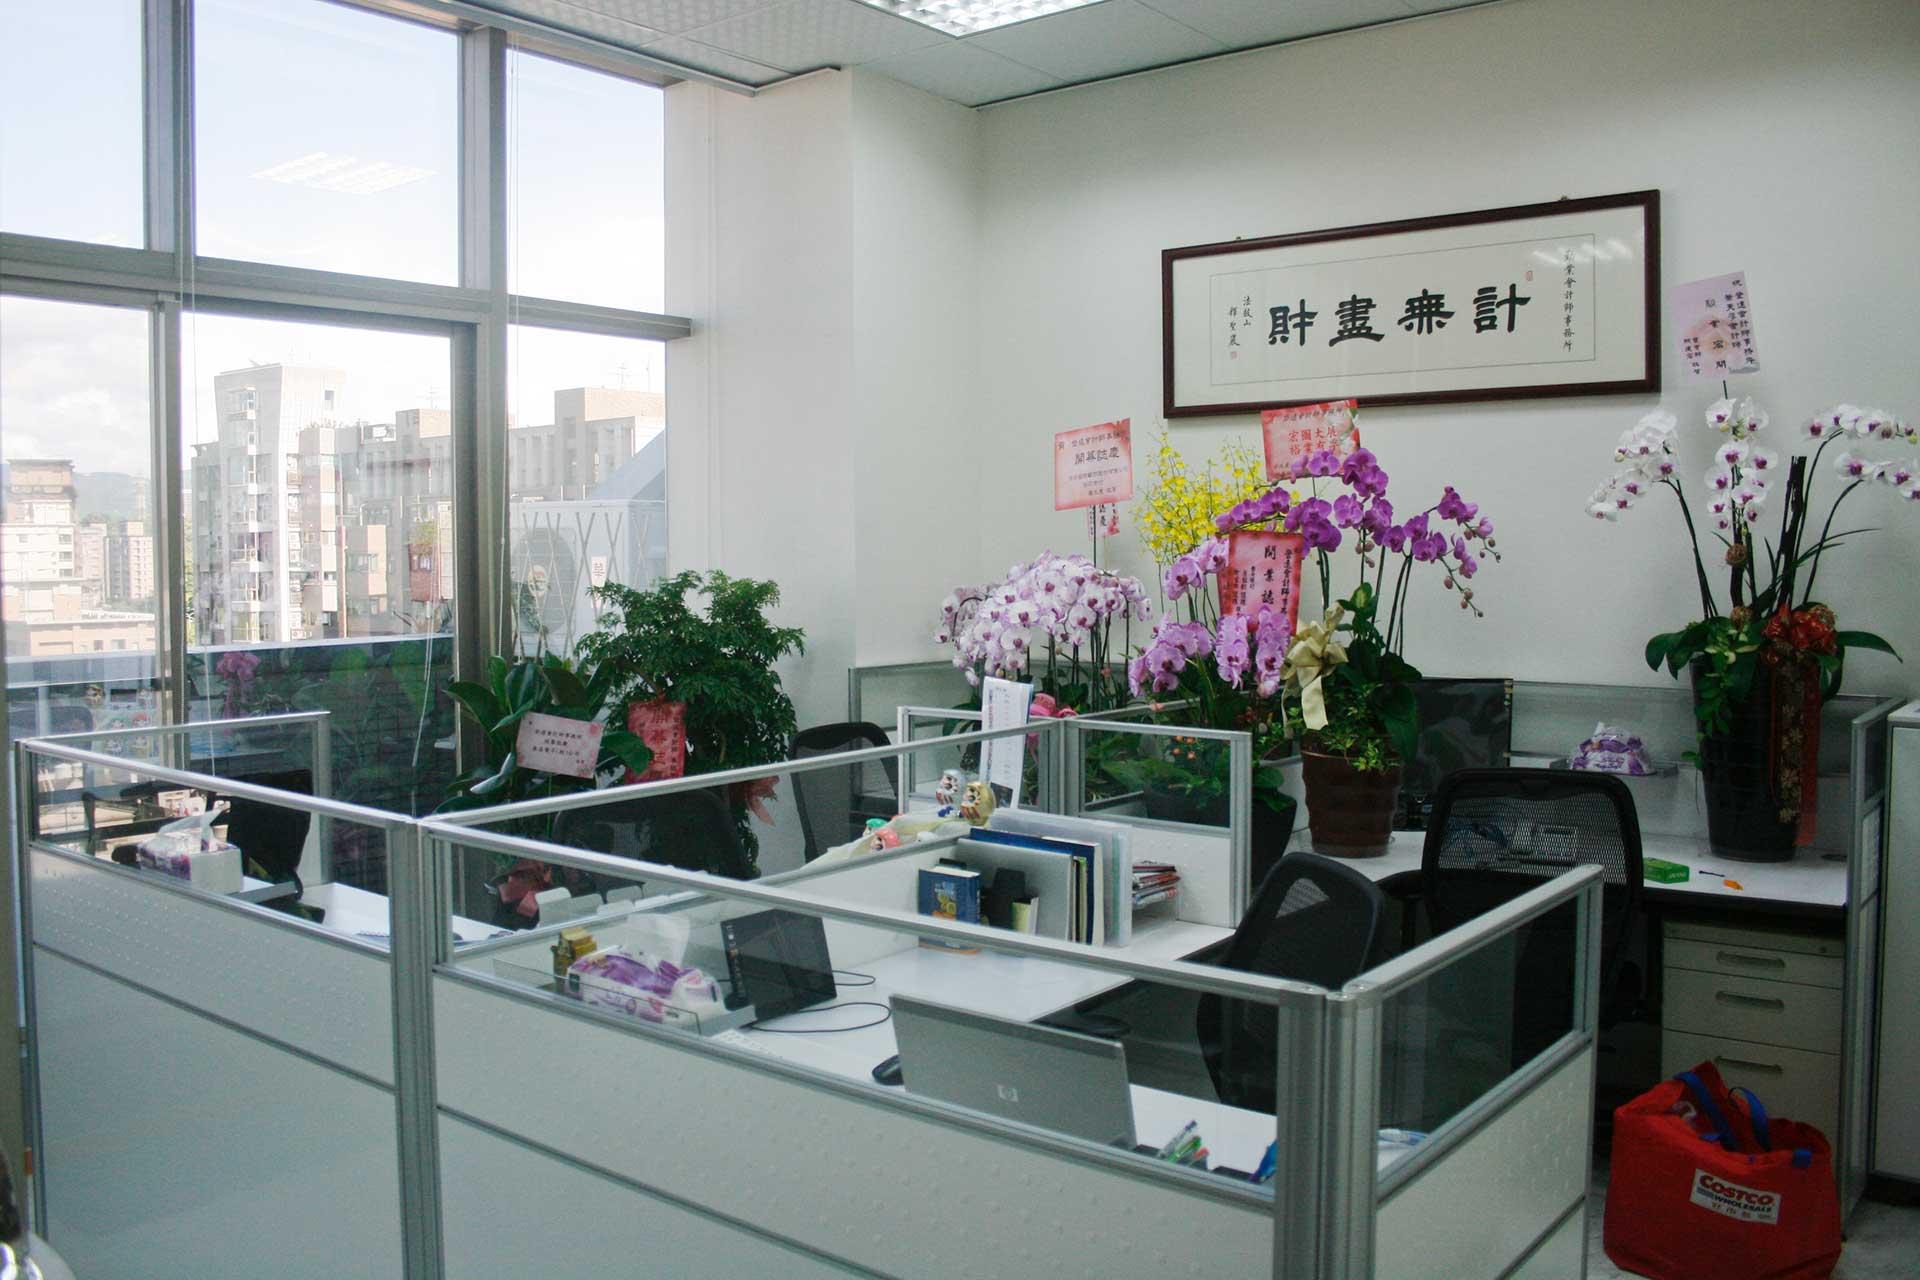 收納機能辦公室:登遠會計師事務所 – 室內設計裝潢案例